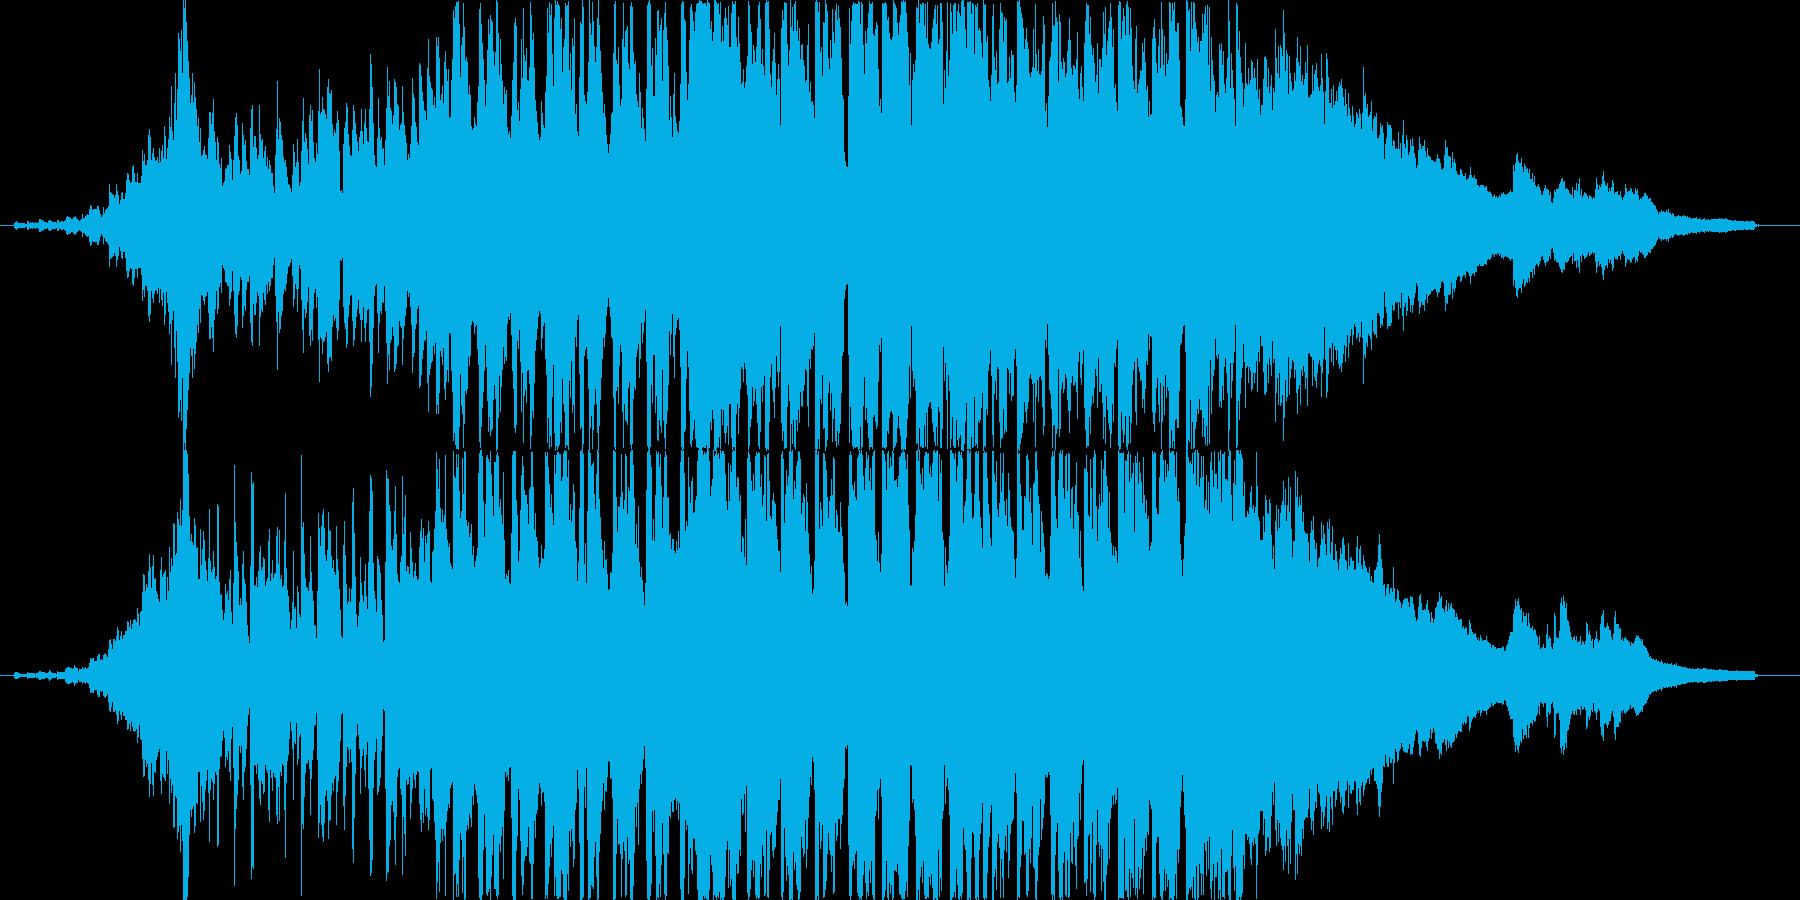 元気いっぱいの国籍不明なオープニング曲の再生済みの波形